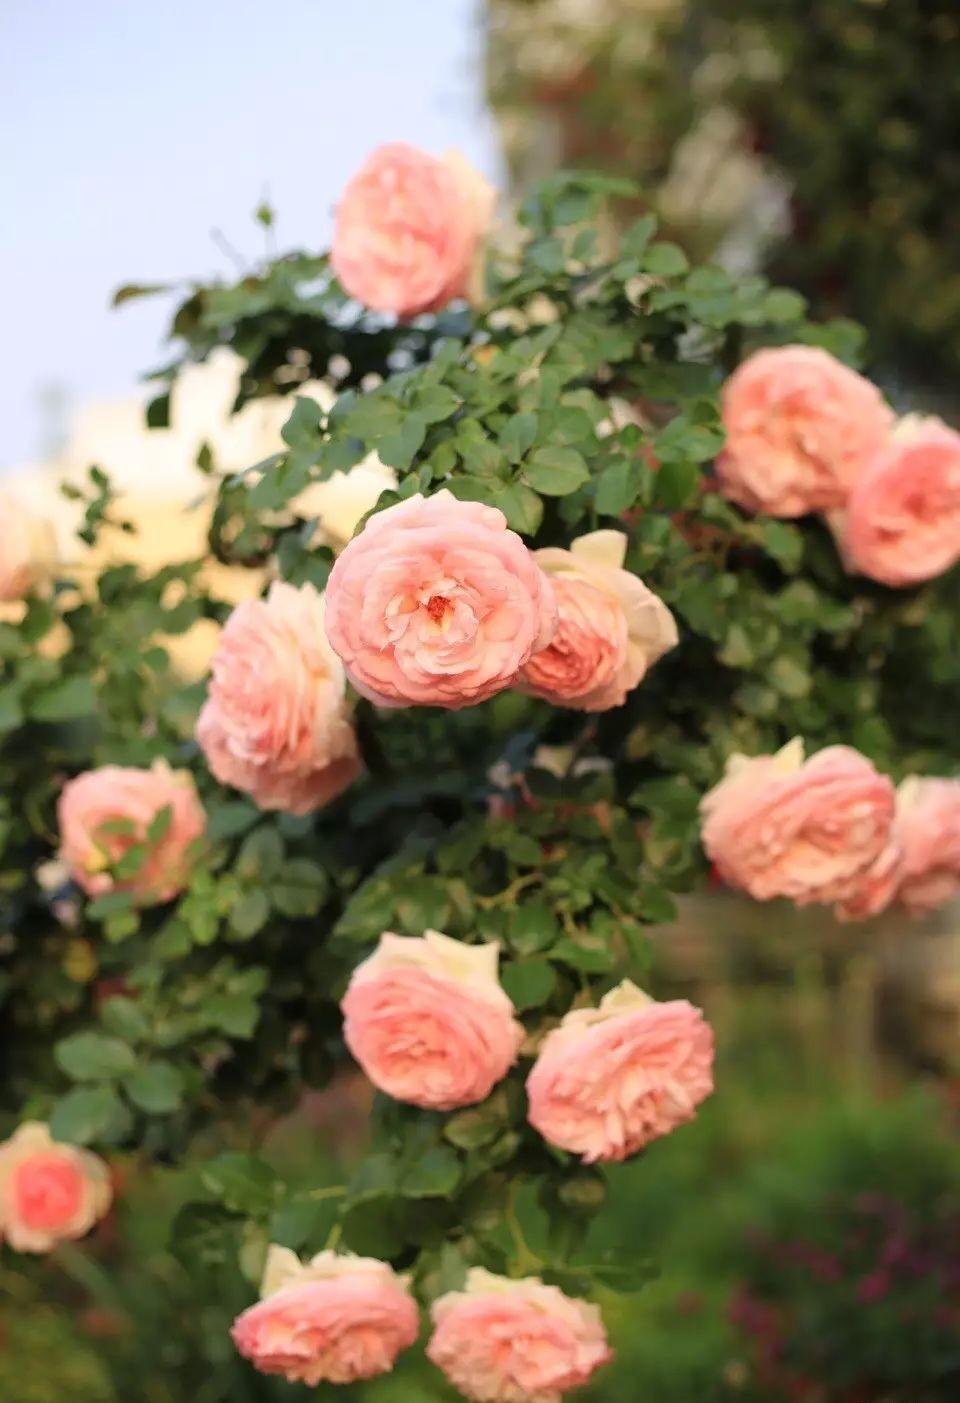 Ngôi nhà tràn ngập sắc hoa hồng ở thị trấn nhỏ của cô gái dành cả thanh xuân chỉ để trồng hoa làm đẹp nhà - Ảnh 16.